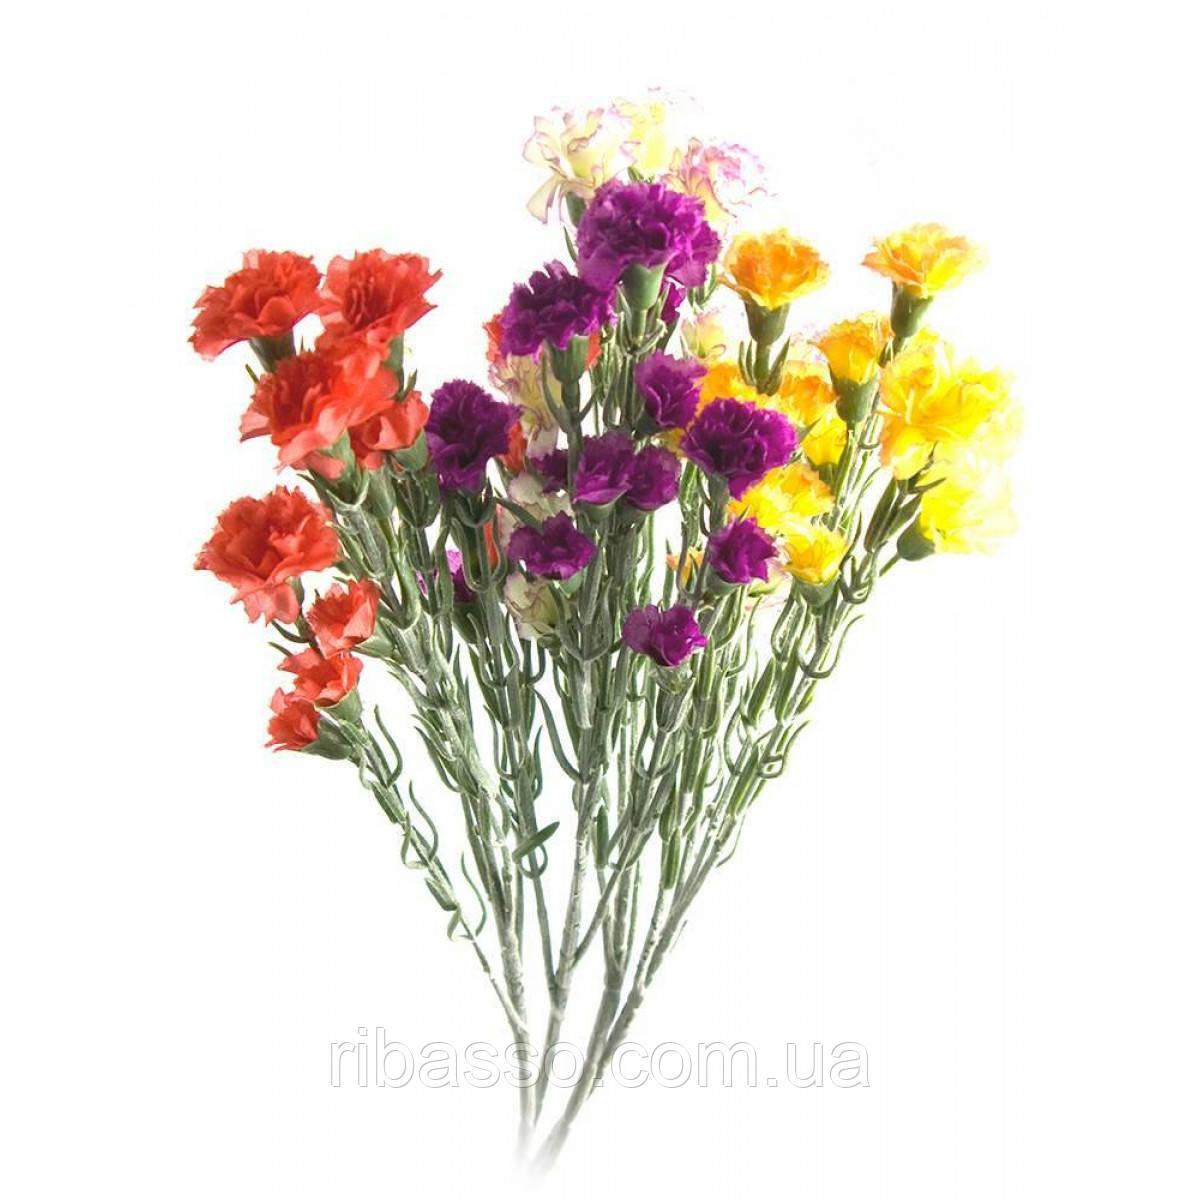 """Цветы """"Гвоздика"""" 60 см 26423"""